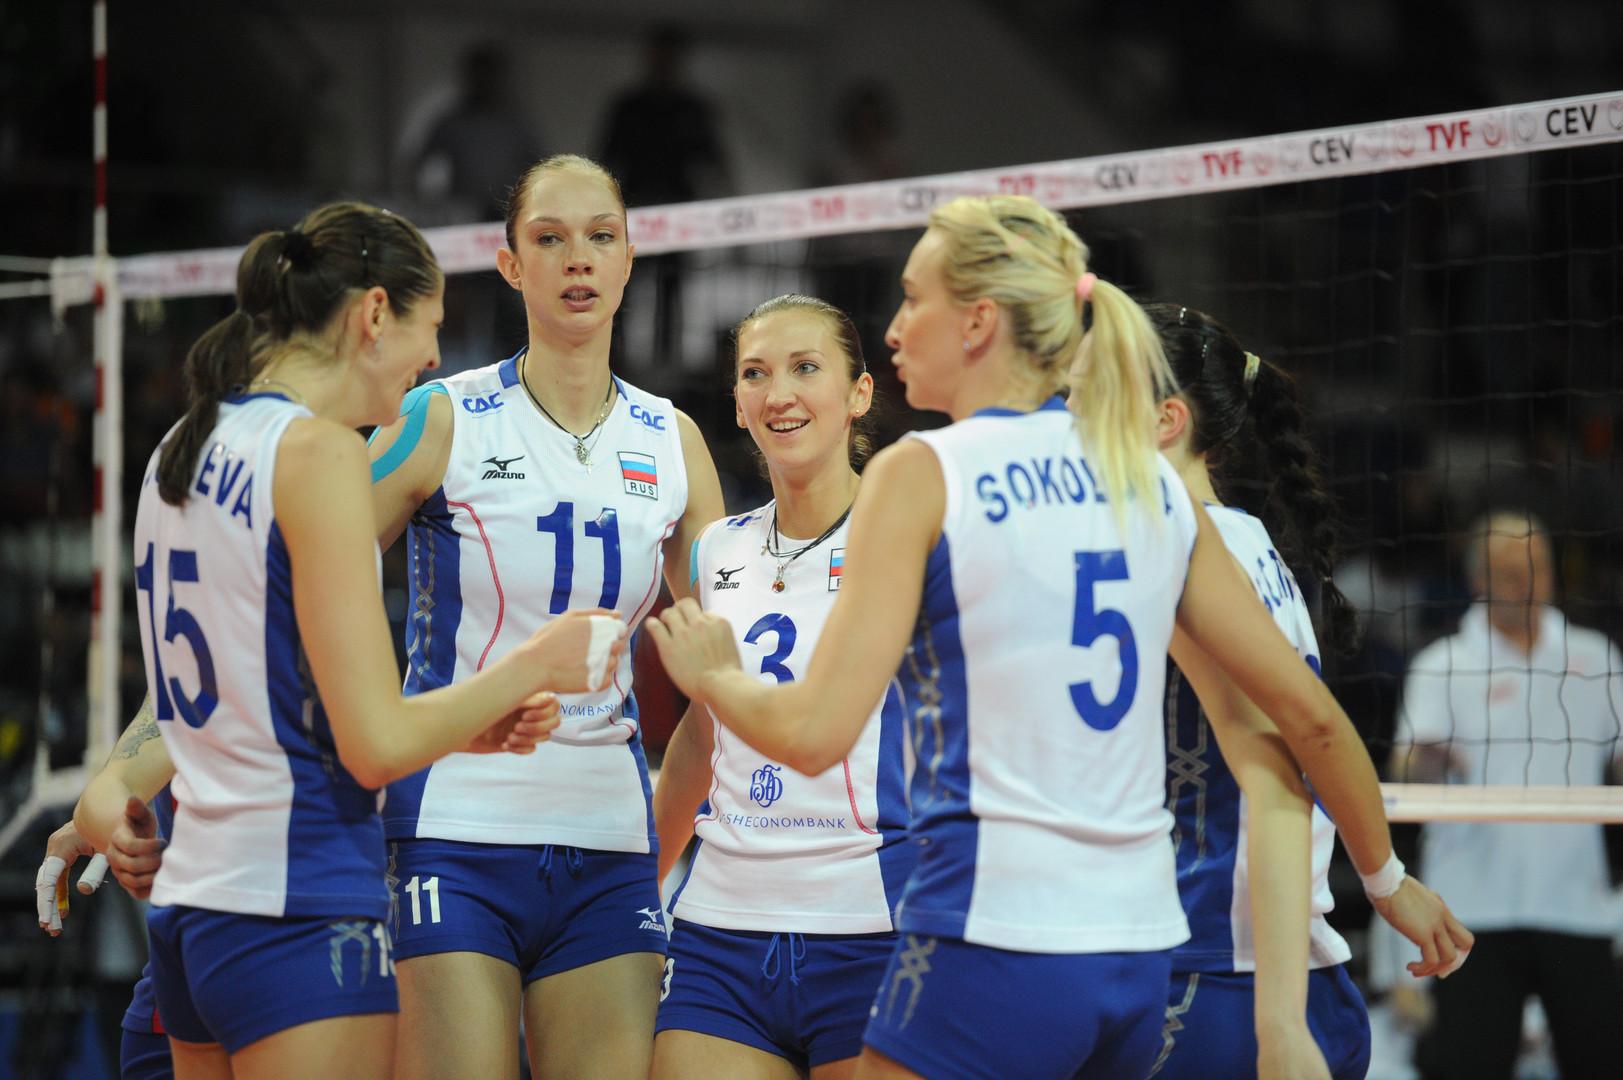 Екатерина Гамова и Любовь Соколова завершили спортивные карьеры